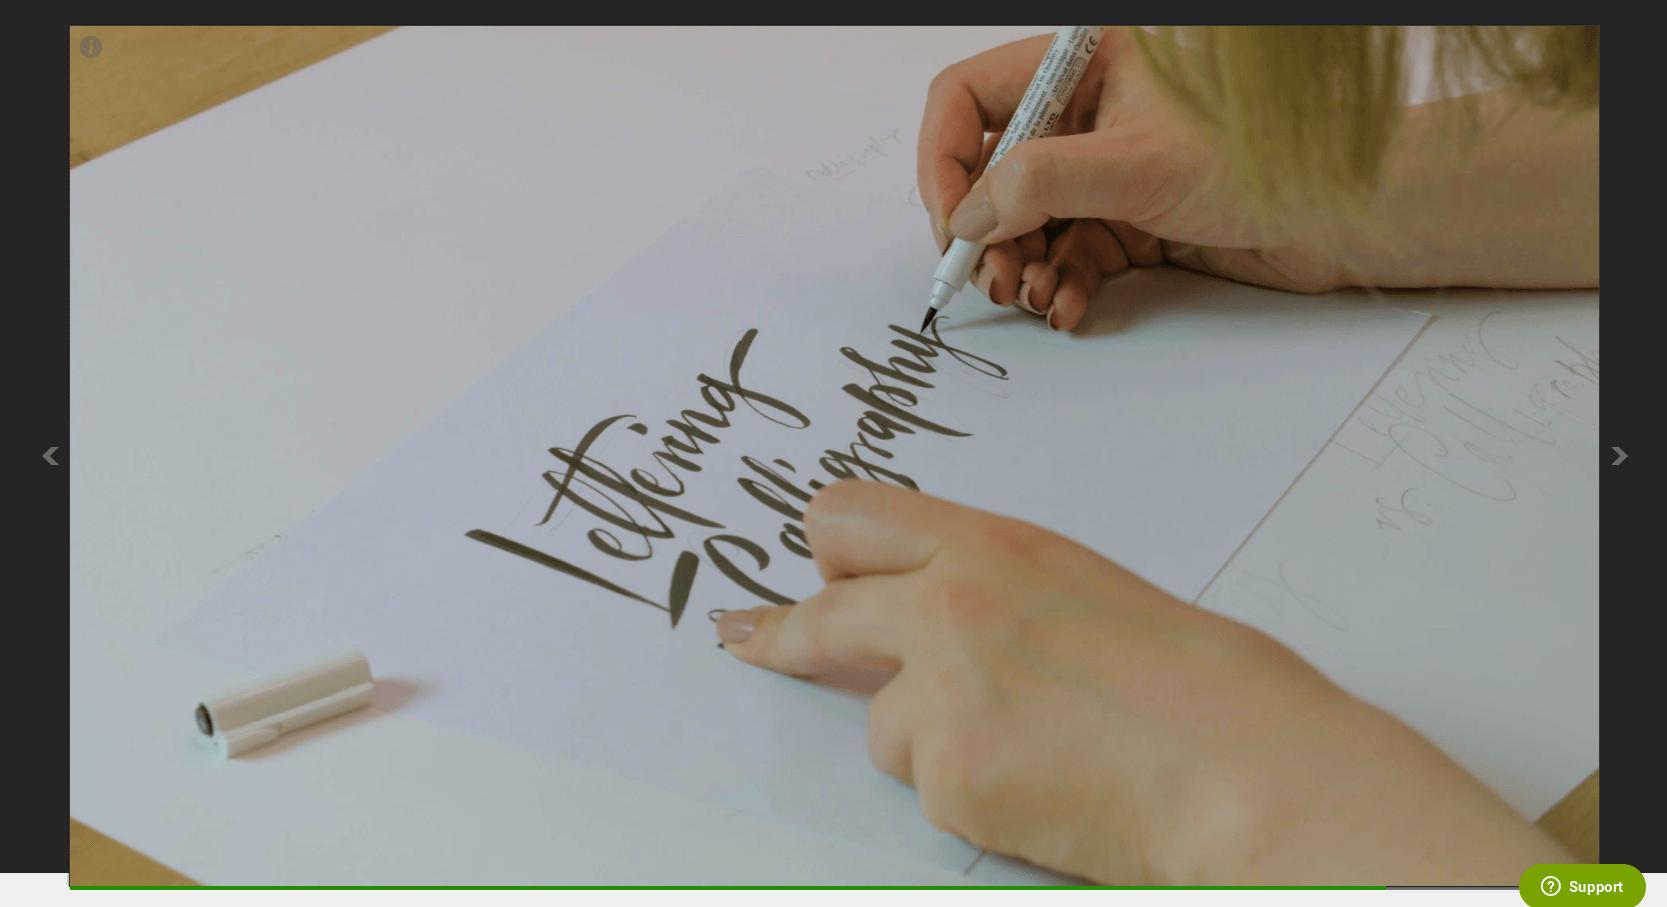 Kaligrafia i lettering - kurs od Eudweb